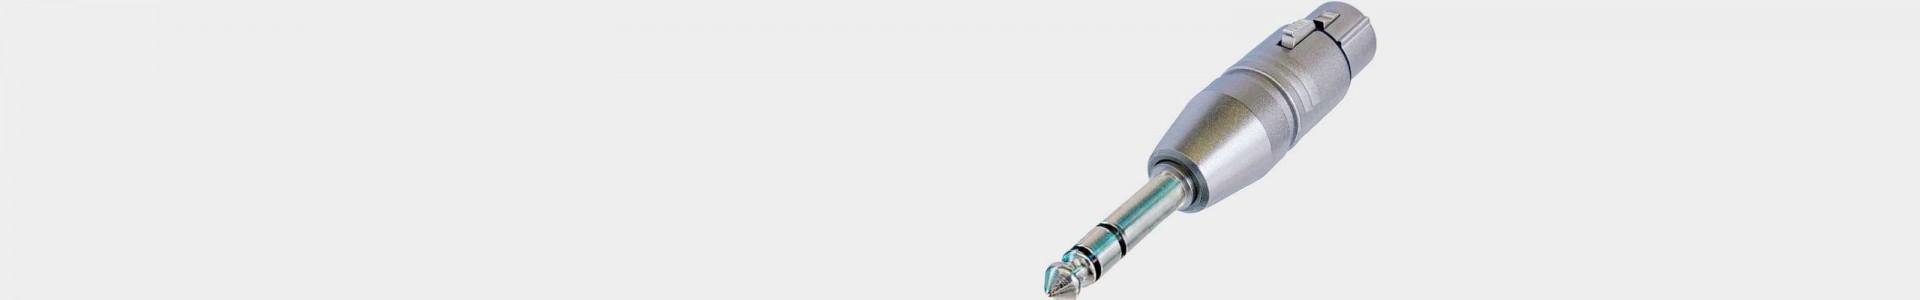 Neutrik - Adaptadores Conector - Máxima precisión - Avacab